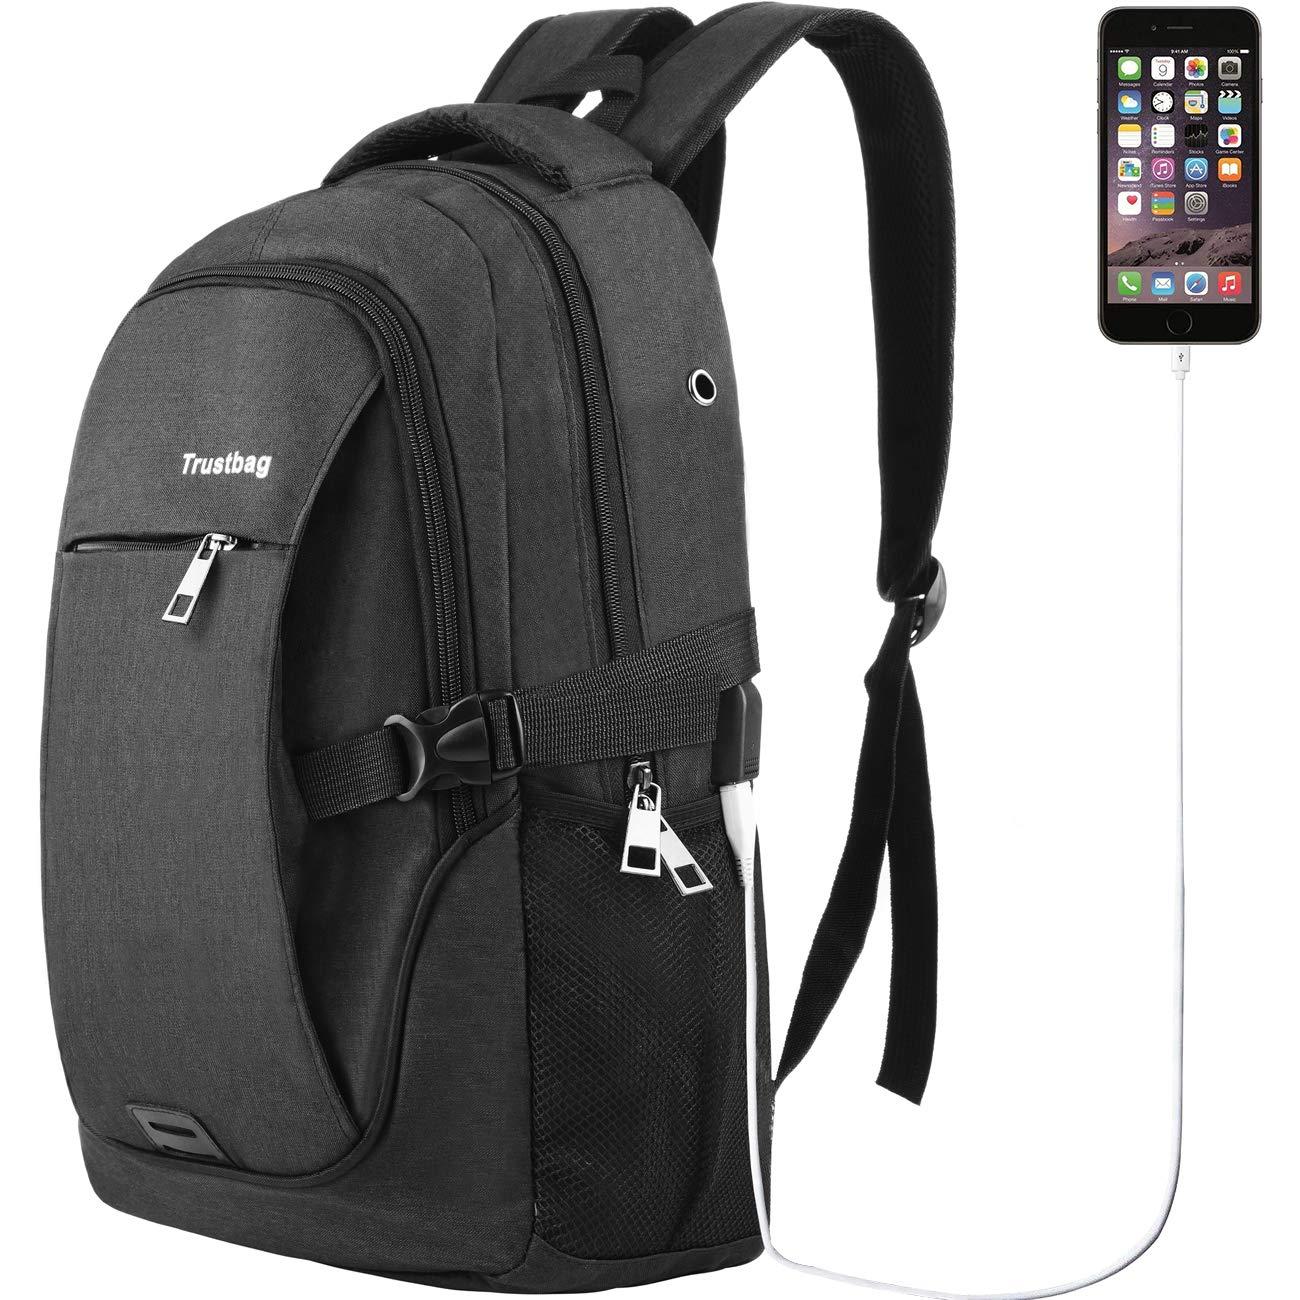 Amazon.com: Mochila para portátil y accesorios de viaje ...